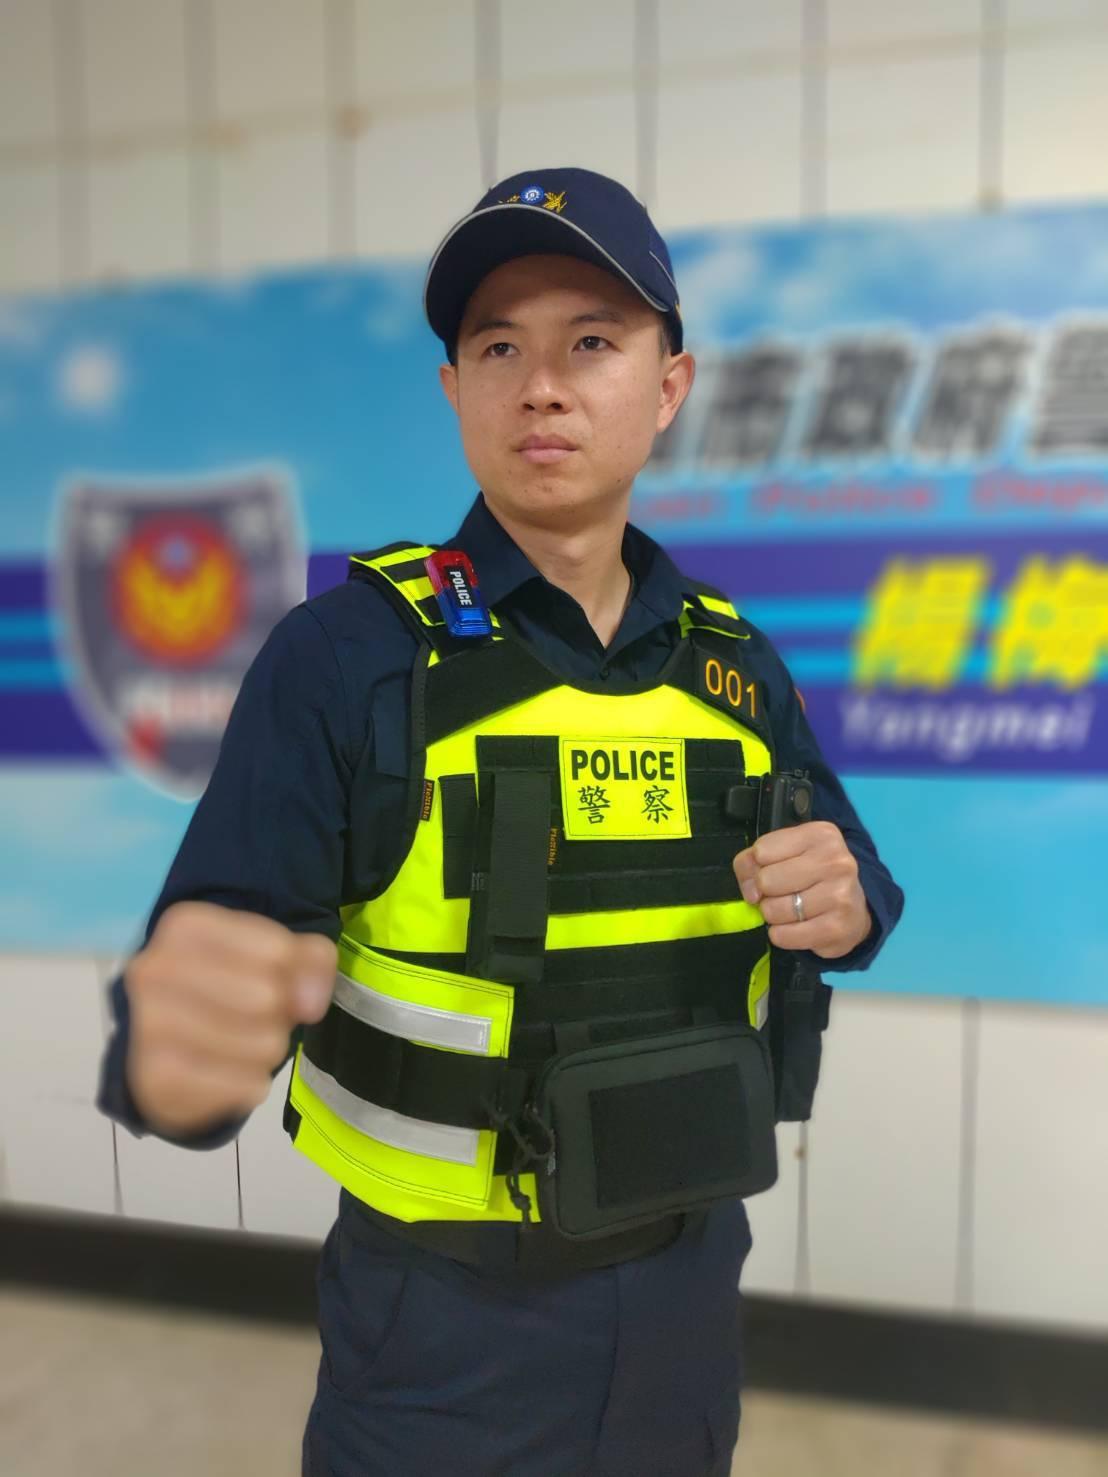 楊梅警分局近日購置新型警用戰術背心,員警大讚「揪甘心」。圖/楊梅警分局提供